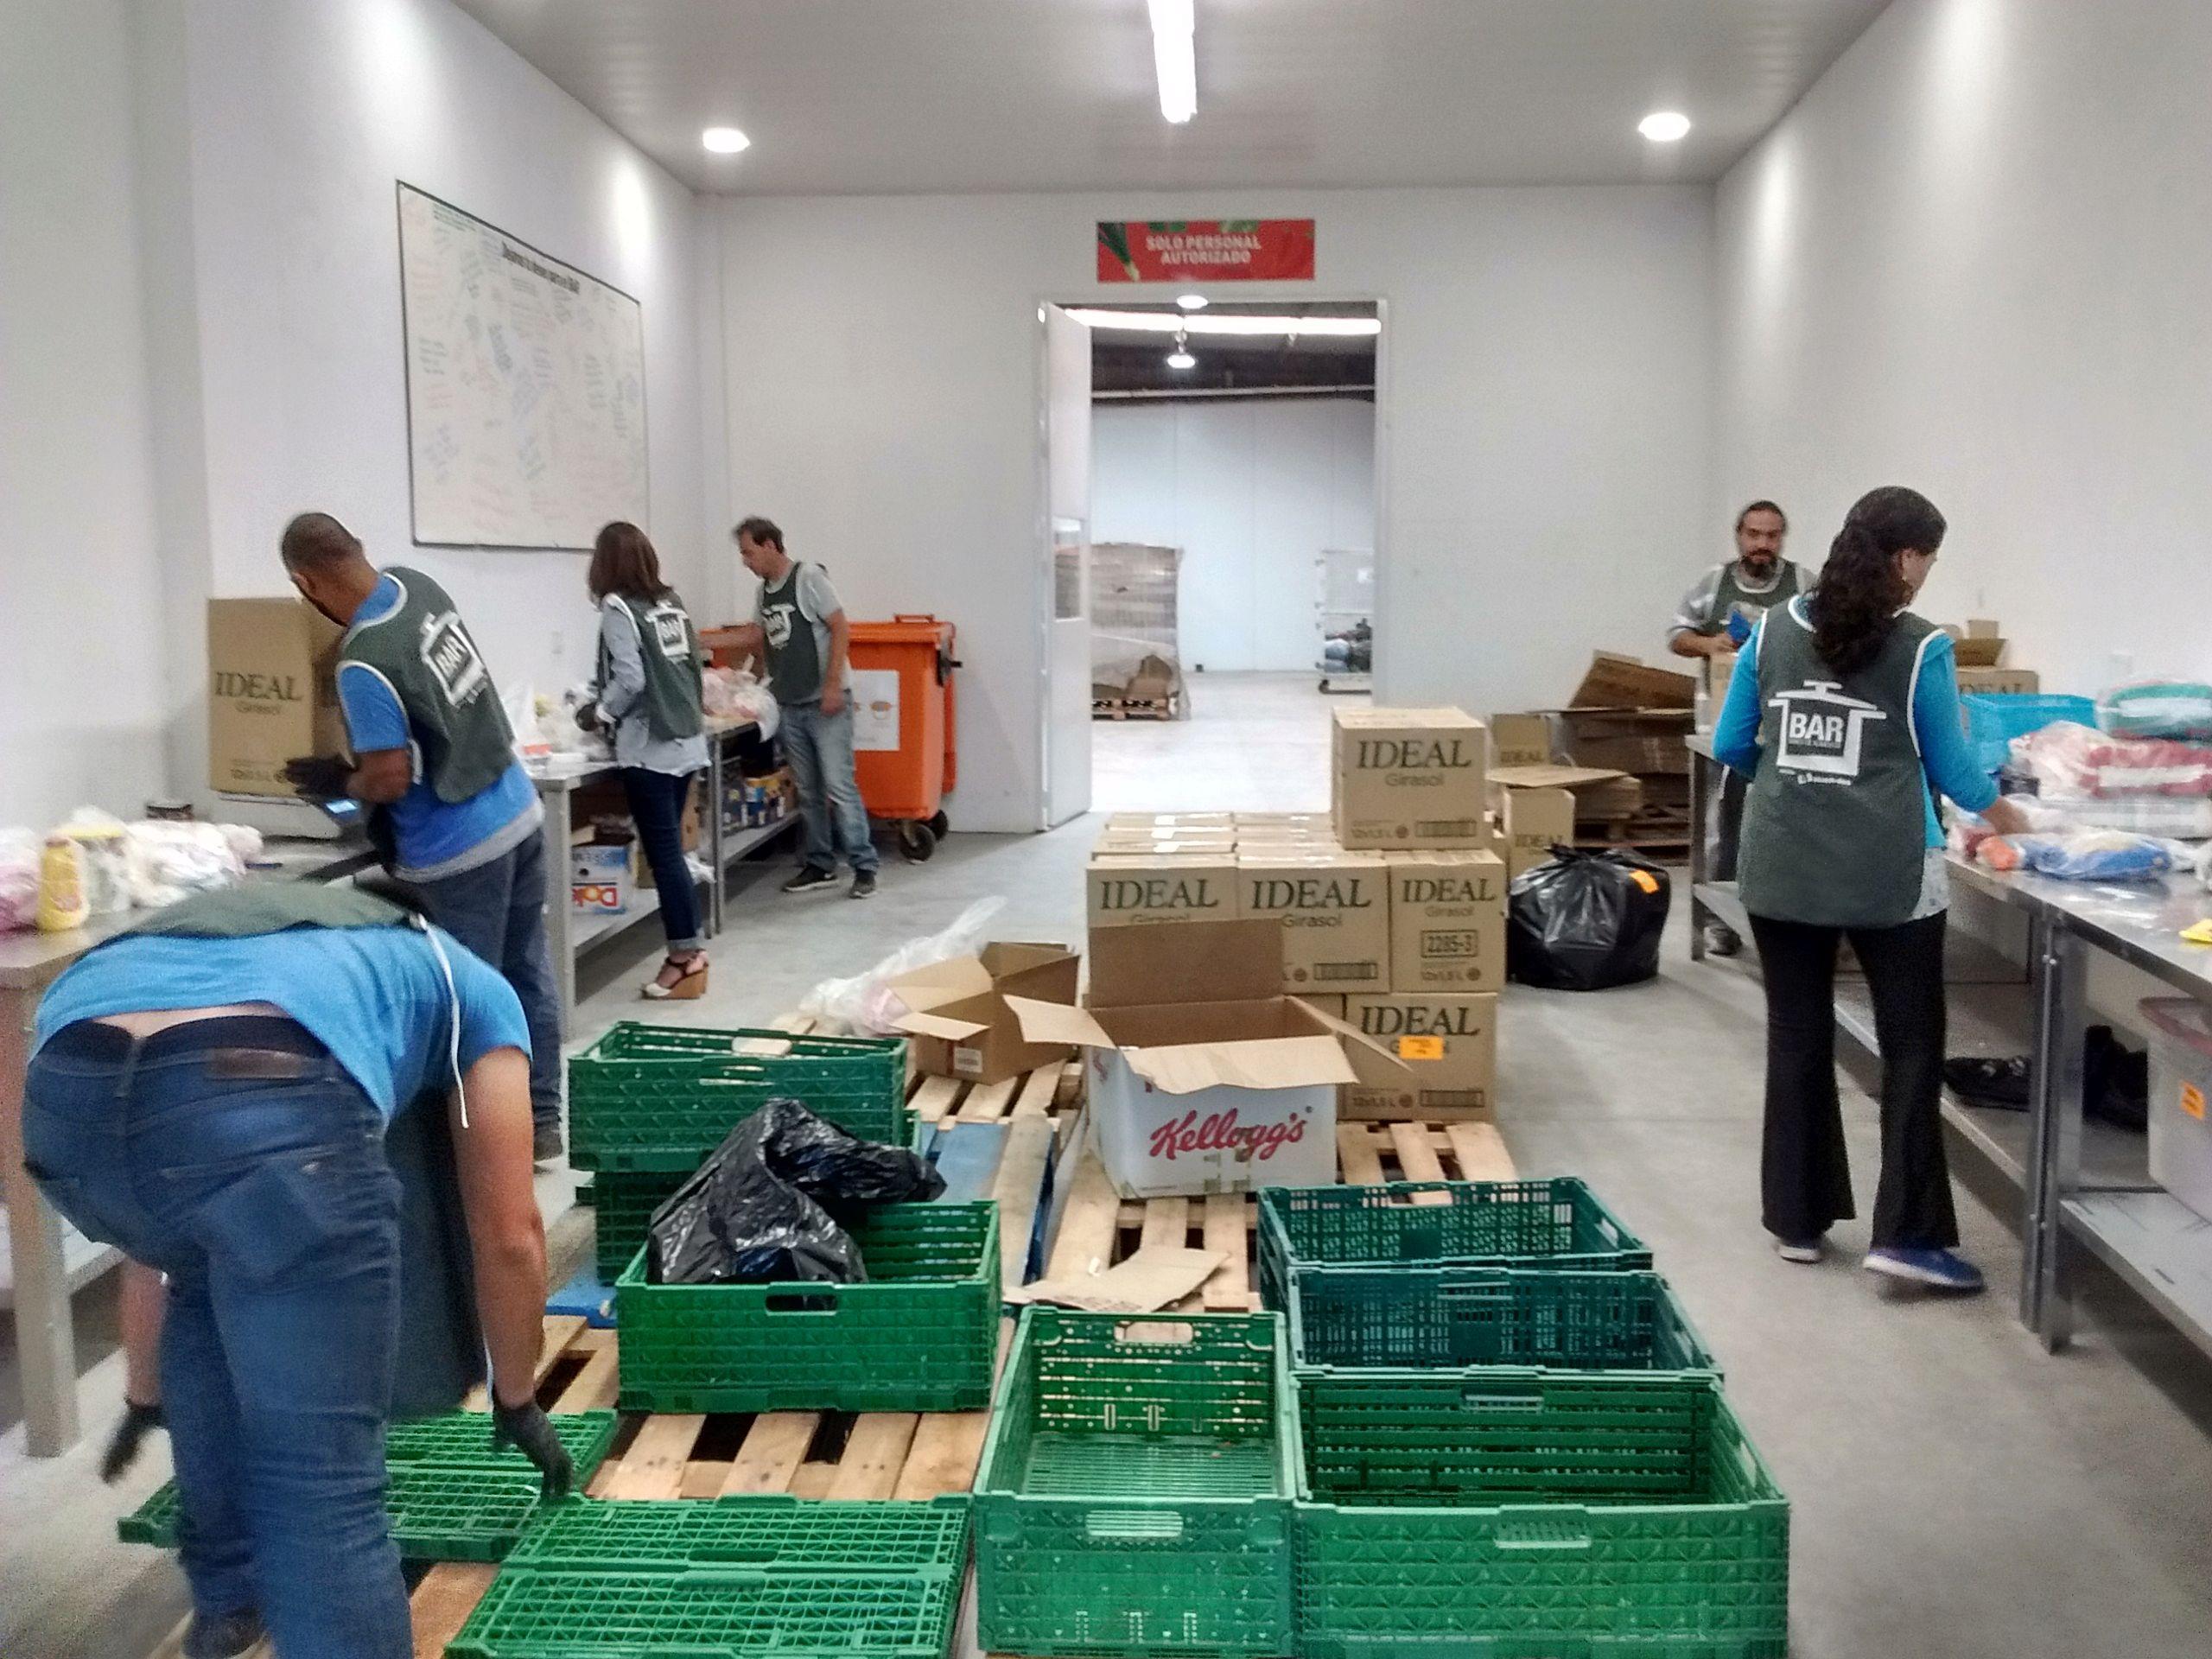 Con la modificación de la ley se espera que aumenten las donaciones de alimentos.